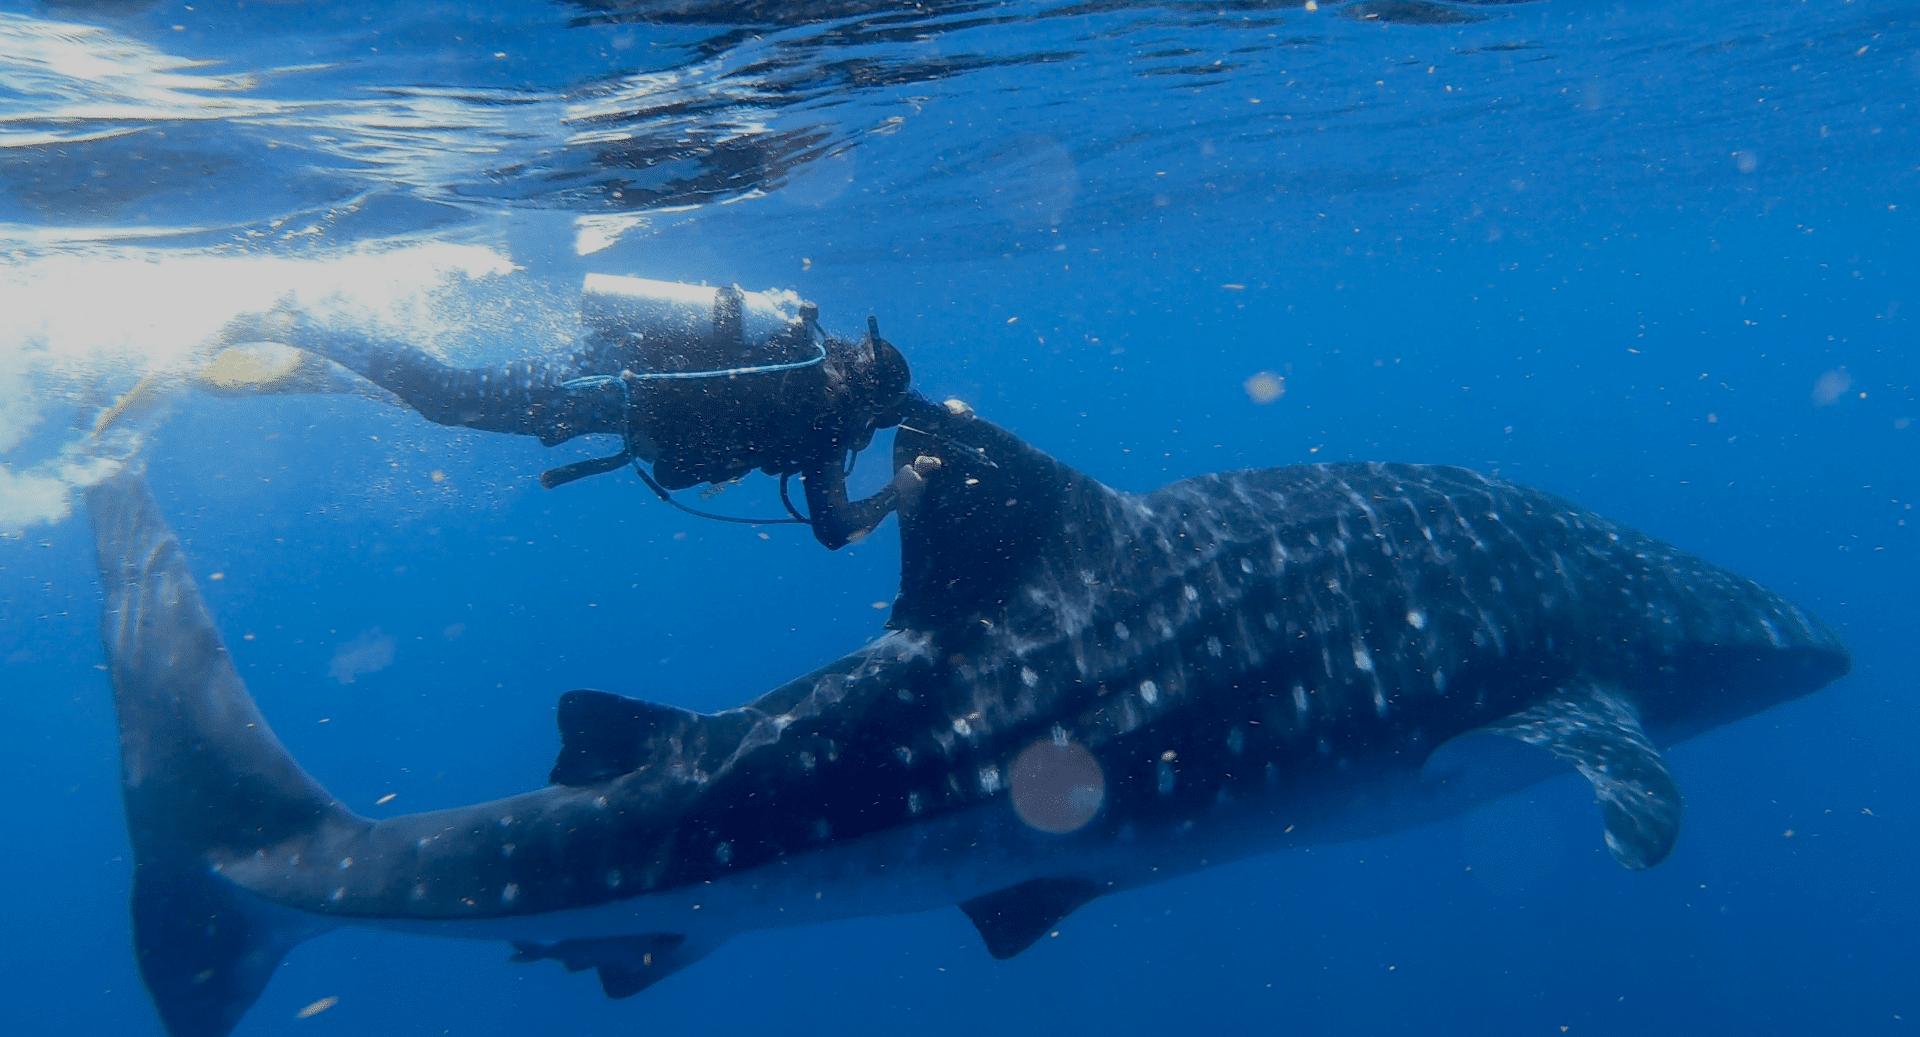 Who Needs GPS? Whale Shark Shows Incredible Navigation Skills